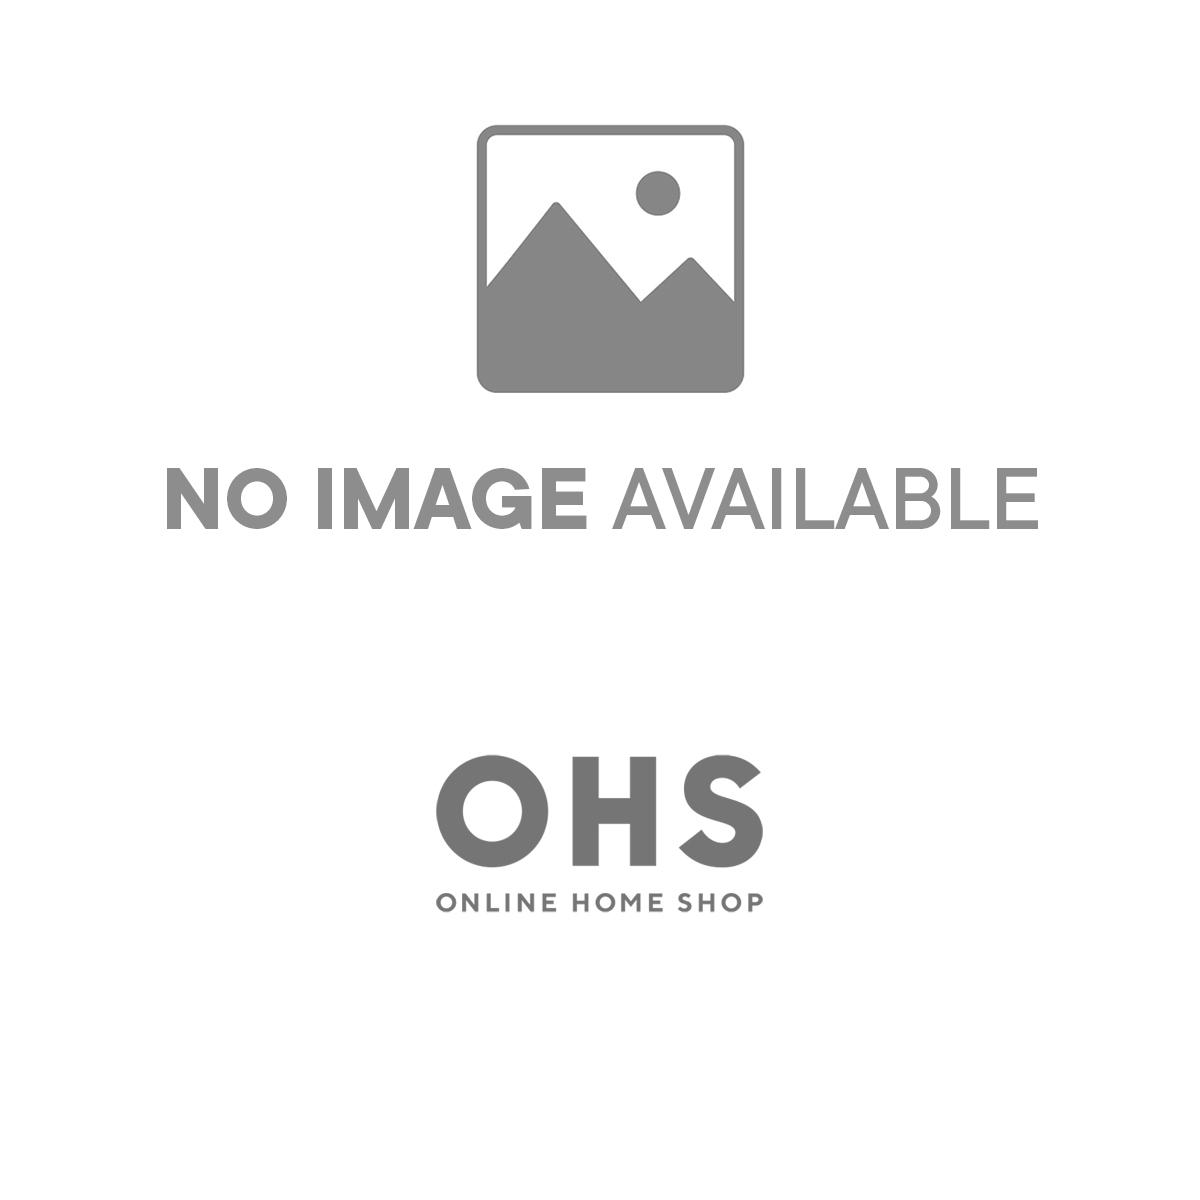 highams 100 brushed cotton flannelette fitted sheet. Black Bedroom Furniture Sets. Home Design Ideas